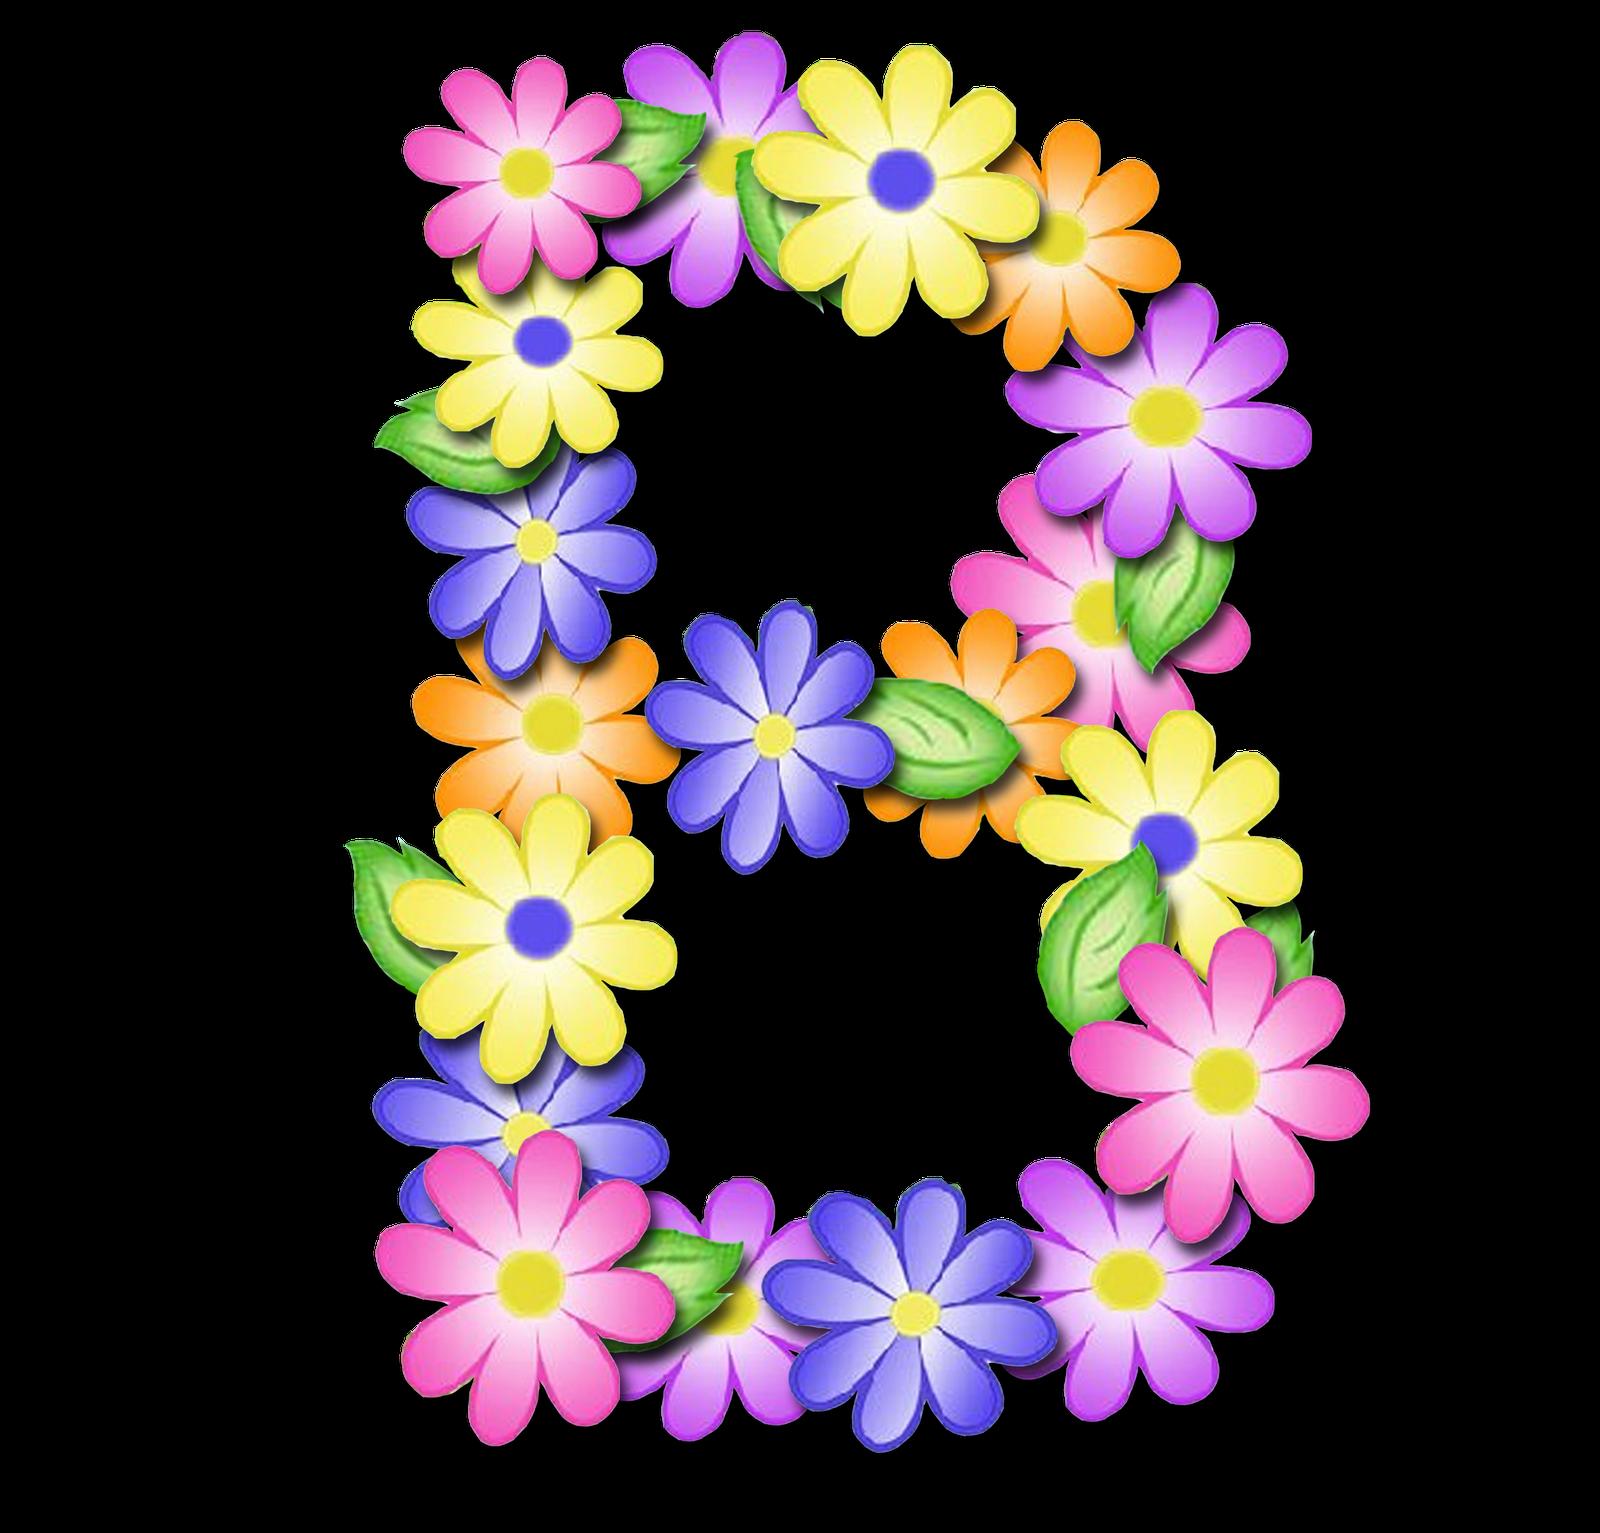 صور الحروف الإنجليزية بأجمل الزهور والورود بخلفية شفافة بنج png وجودة عالية للمصممين :: إبحث عن حروف إسمك بالإنجليزية B